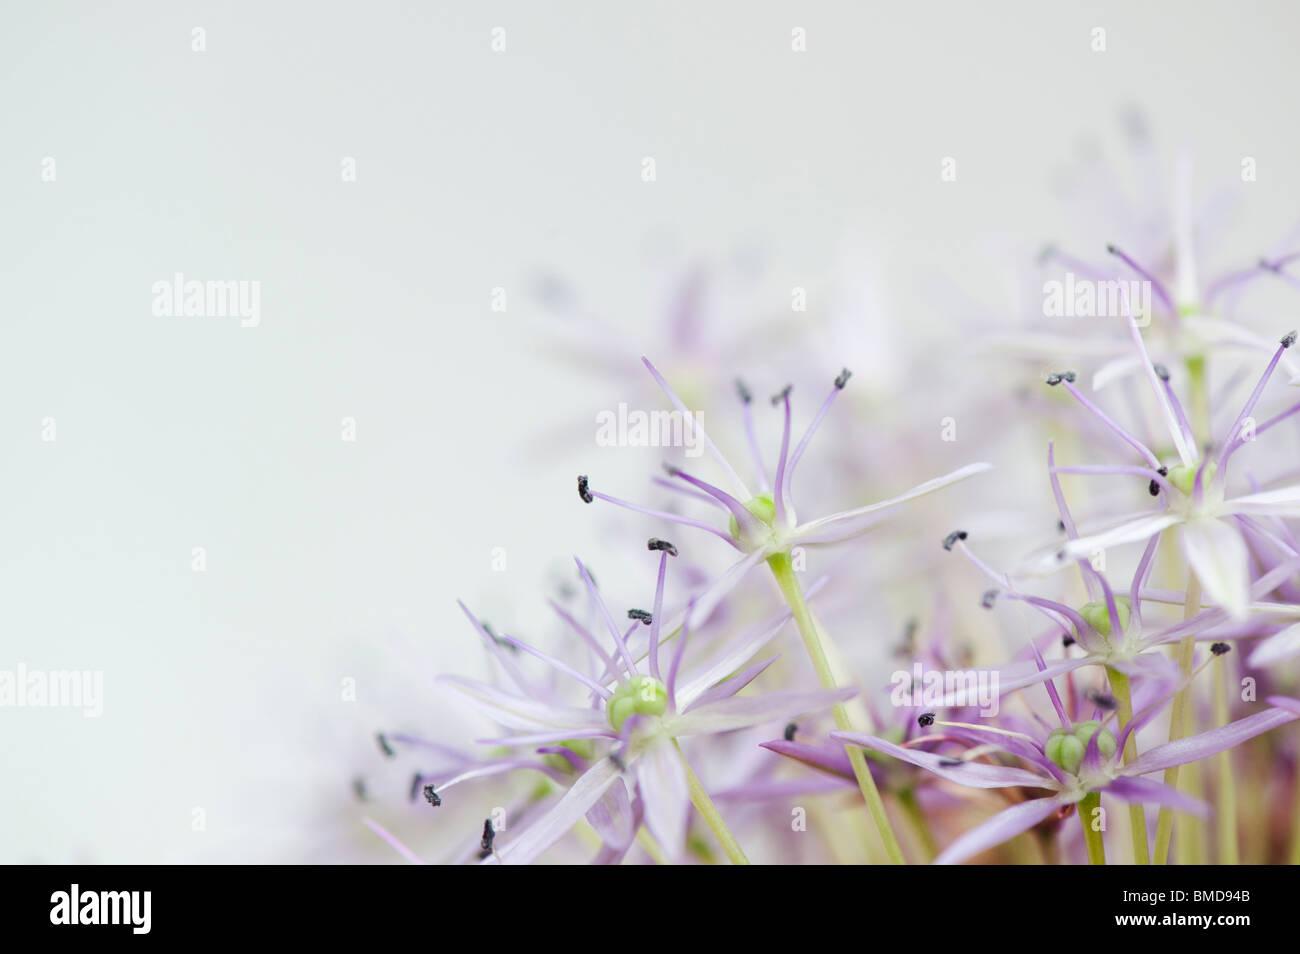 Allium 'Globemaster' Blumen auf weißem Hintergrund verblassen Stockbild